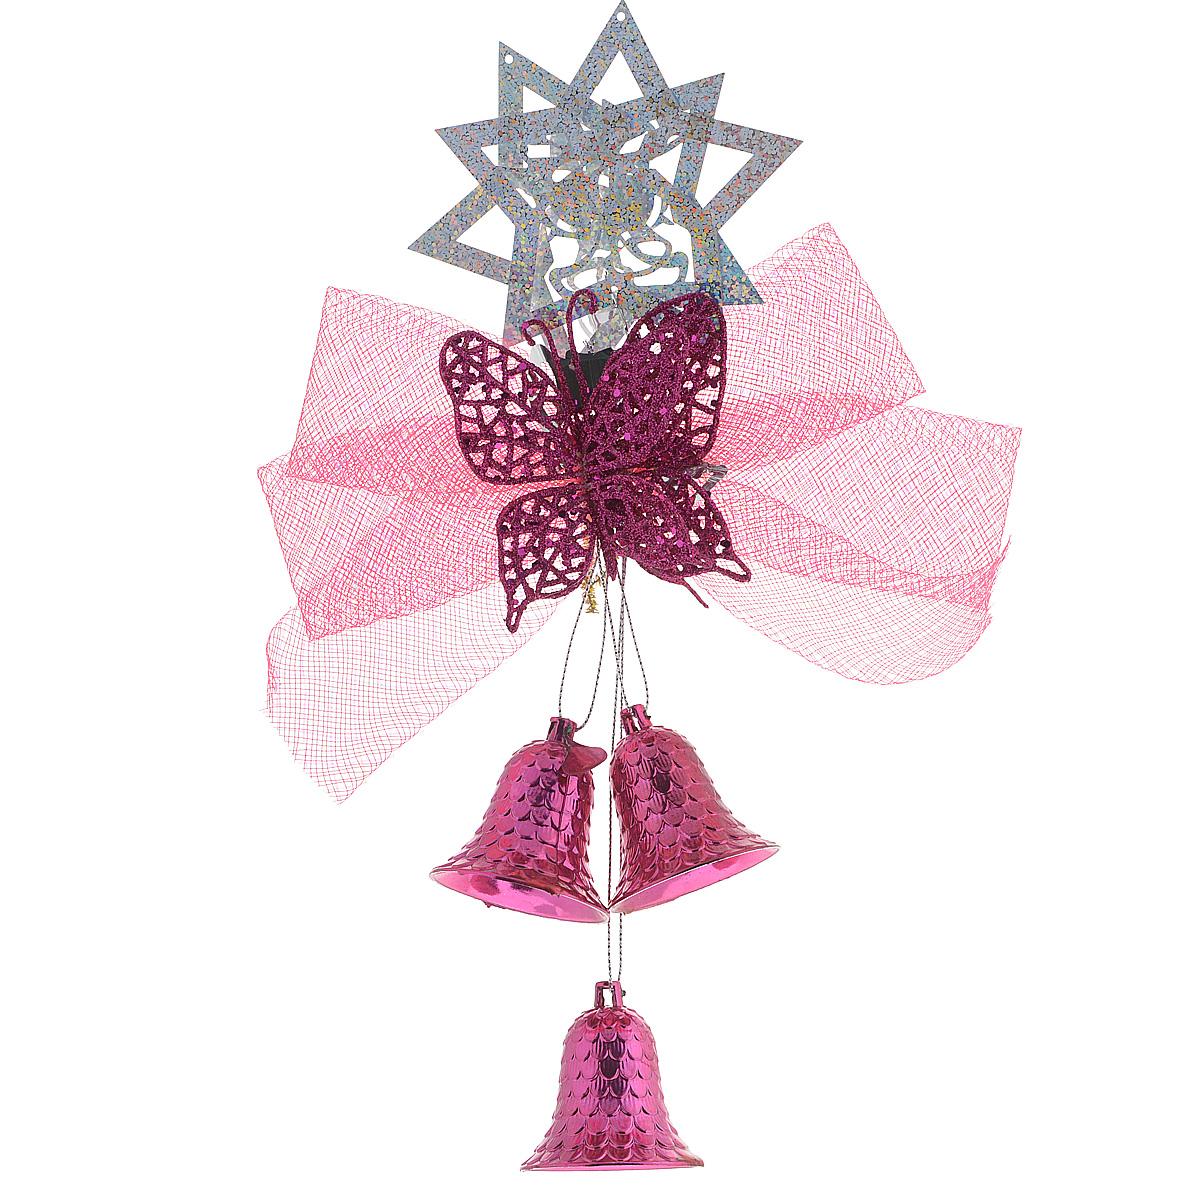 Новогоднее подвесное украшение Sima-land Бабочка, цвет: розовый, длина 27 см. 811311811311Новогоднее украшение Sima-land Бабочка отлично подойдет для декорации вашего дома и новогодней ели. Украшение выполнено в виде декоративной подвесной композиции из текстильного банта, пластиковой бабочки и колокольчиков. Украшение оснащено специальным креплением из проволоки для подвешивания. Елочная игрушка - символ Нового года. Она несет в себе волшебство и красоту праздника. Создайте в своем доме атмосферу веселья и радости, украшая всей семьей новогоднюю елку нарядными игрушками, которые будут из года в год накапливать теплоту воспоминаний.